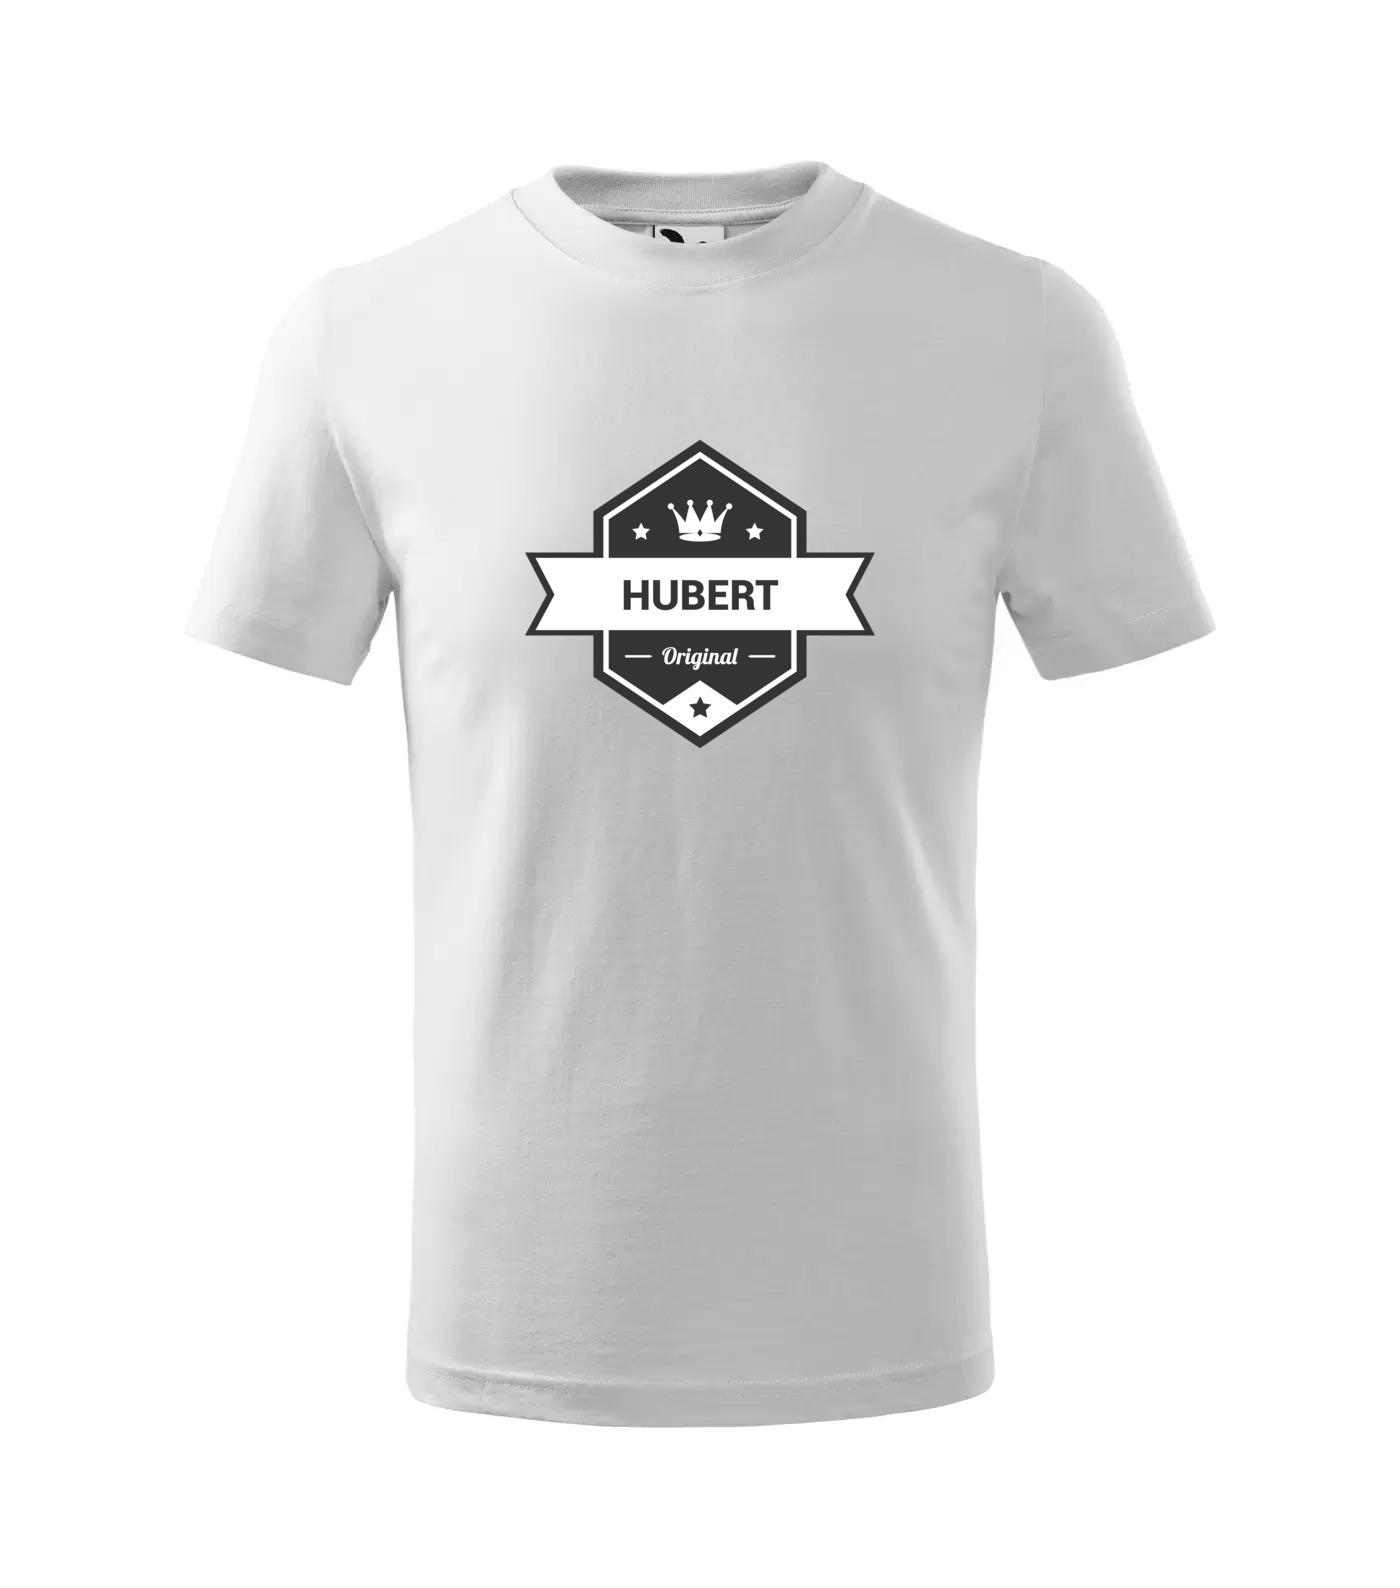 Tričko King Hubert